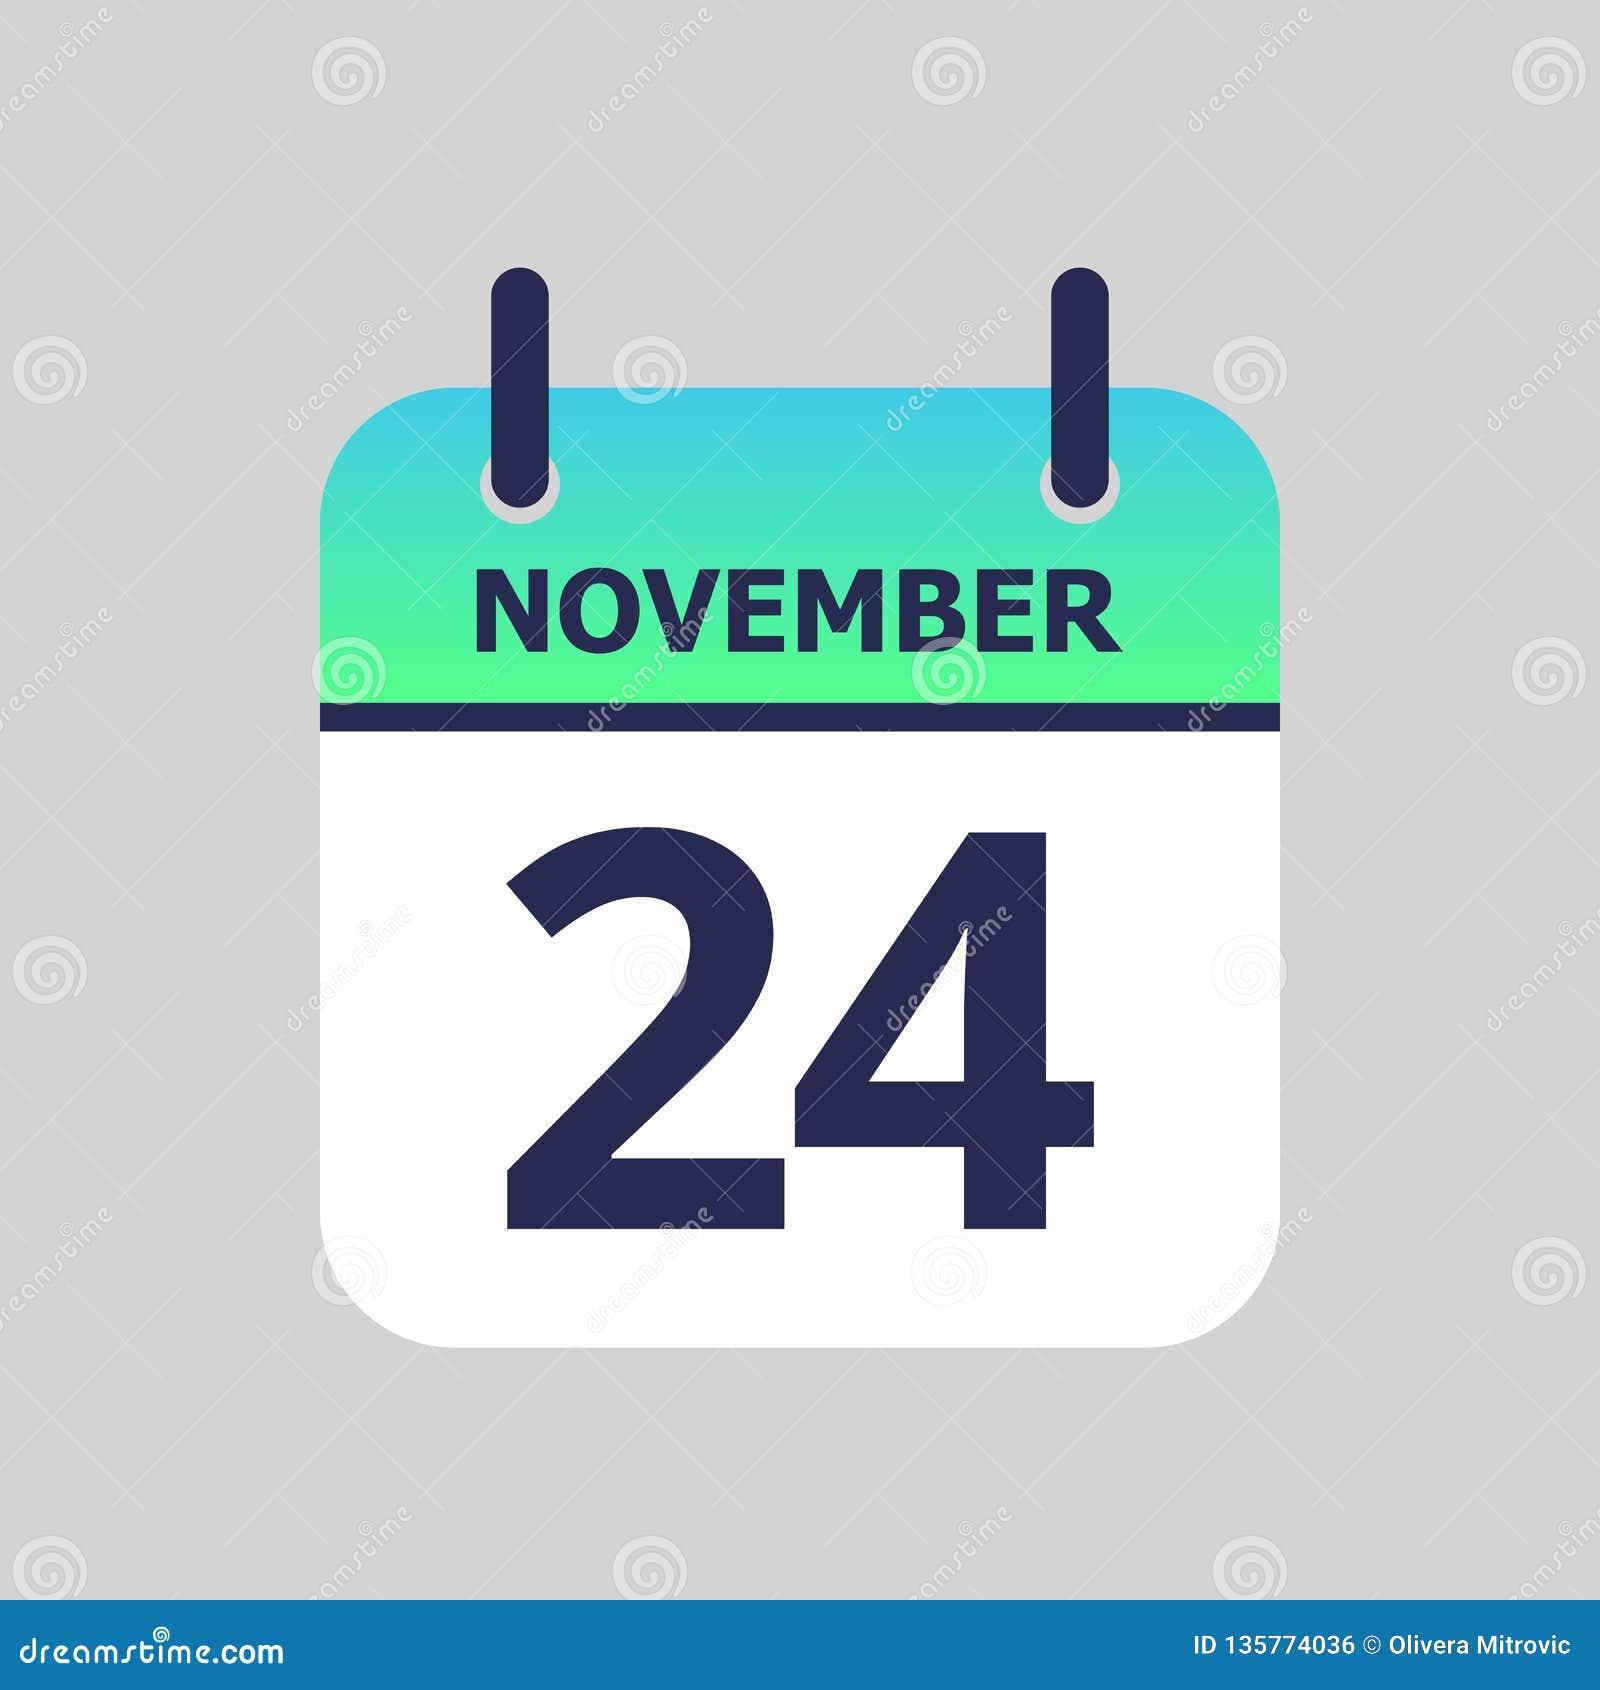 24 November